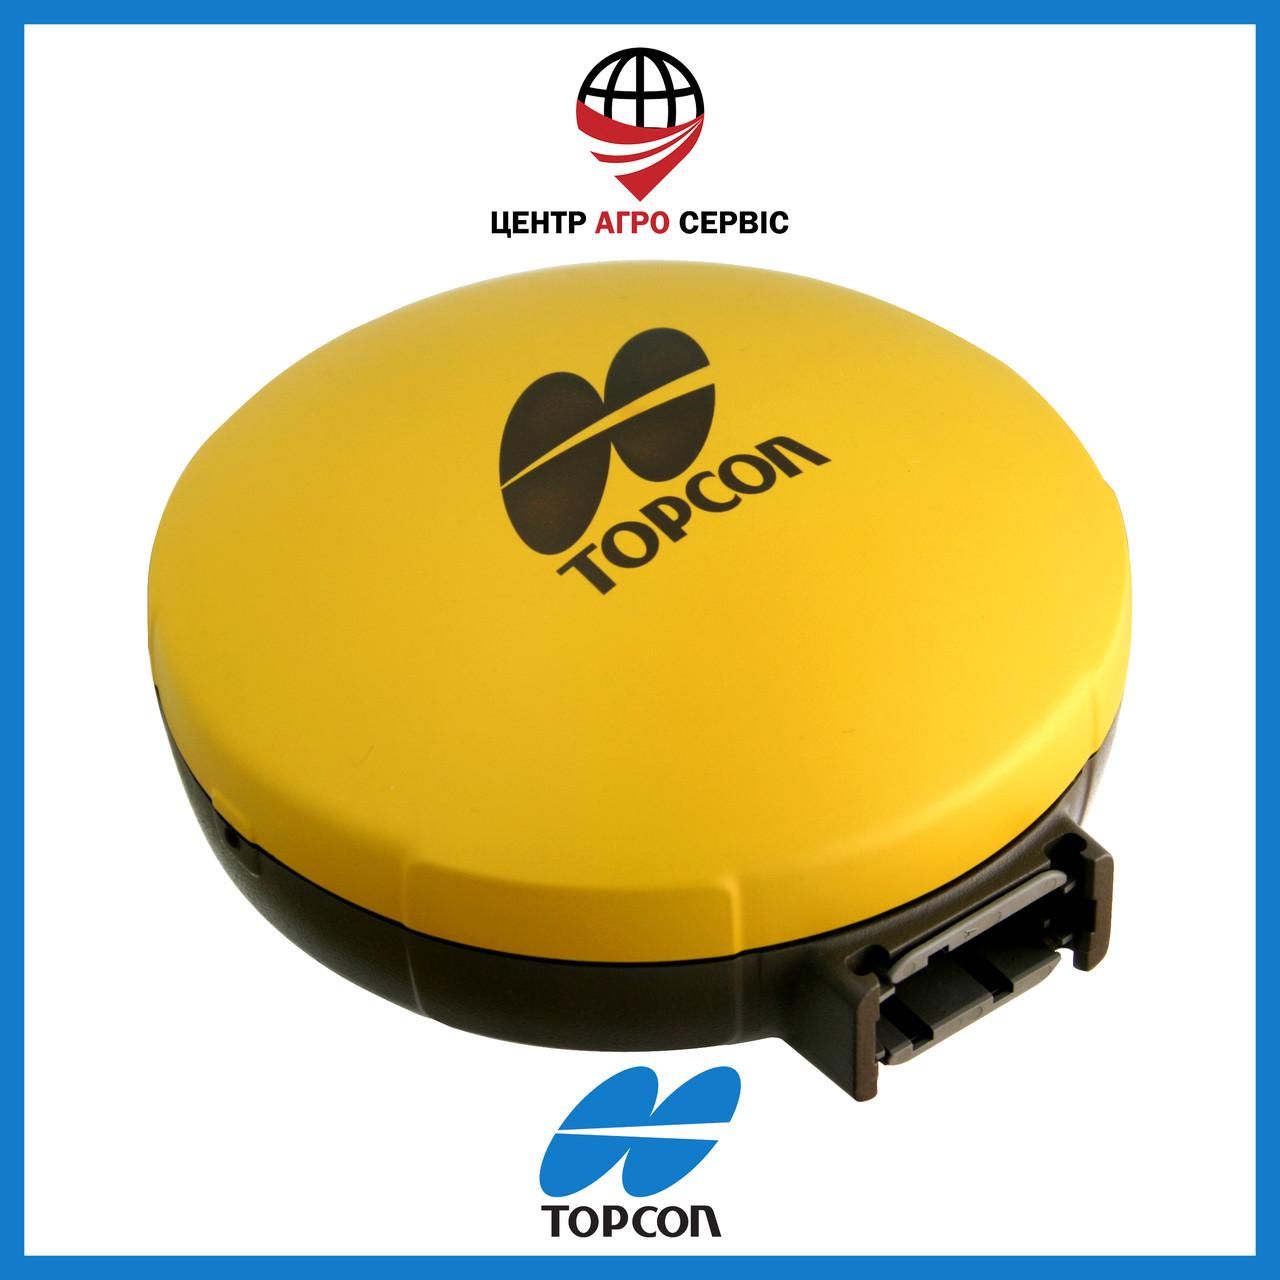 ПриемникSGR-1 Topcon, GPS и ГЛОНАСС (L1)